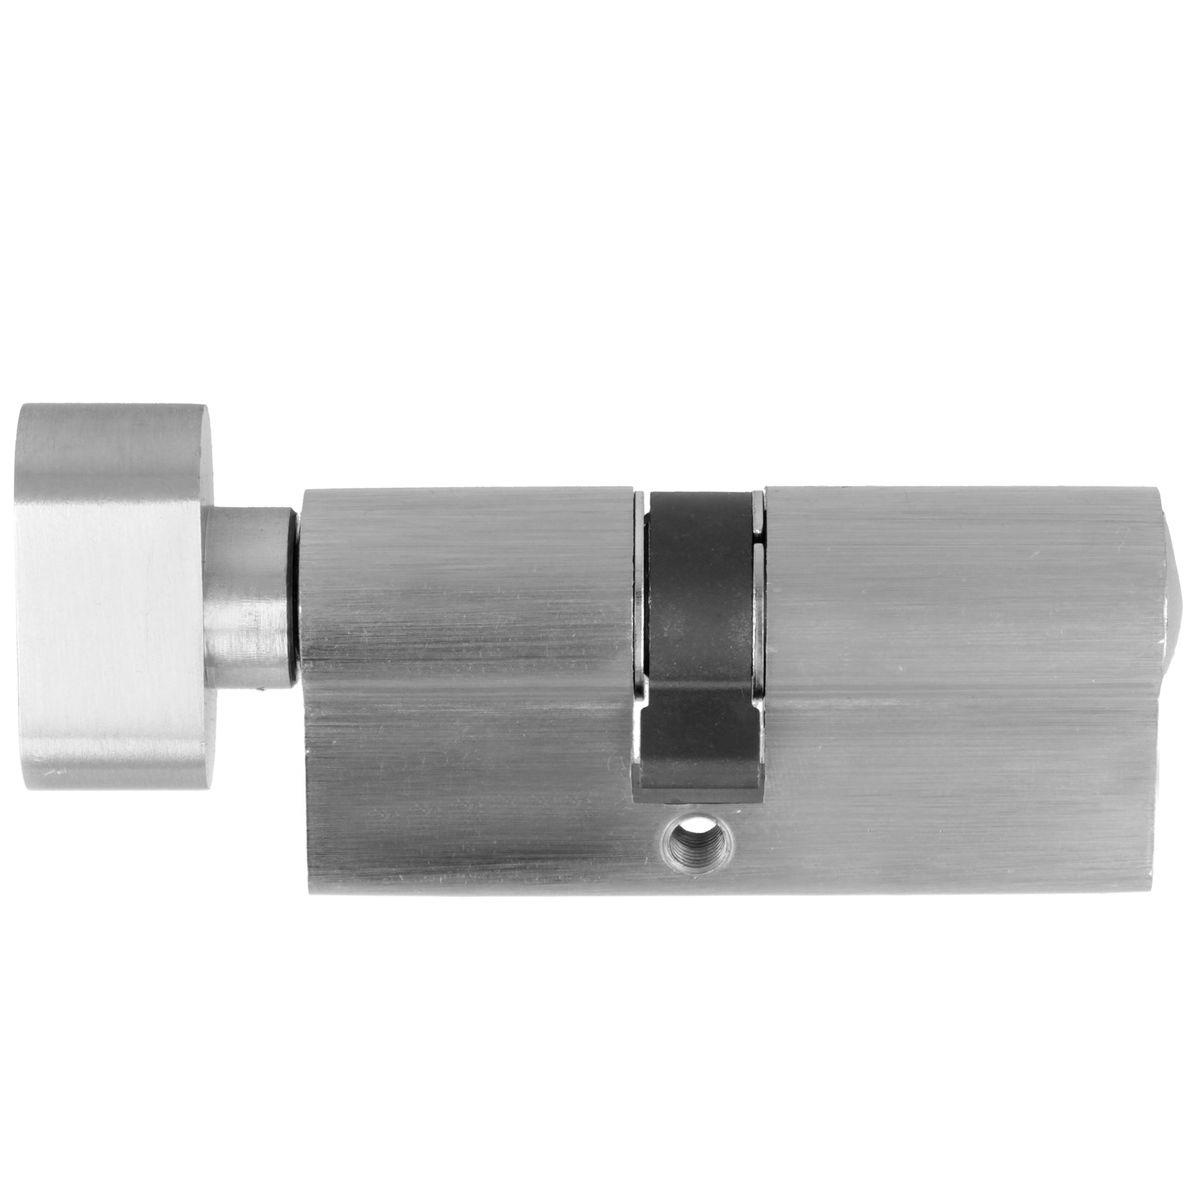 Schliesszylinder Mit Knauf 45 X 45 Mm 3 Schlussel